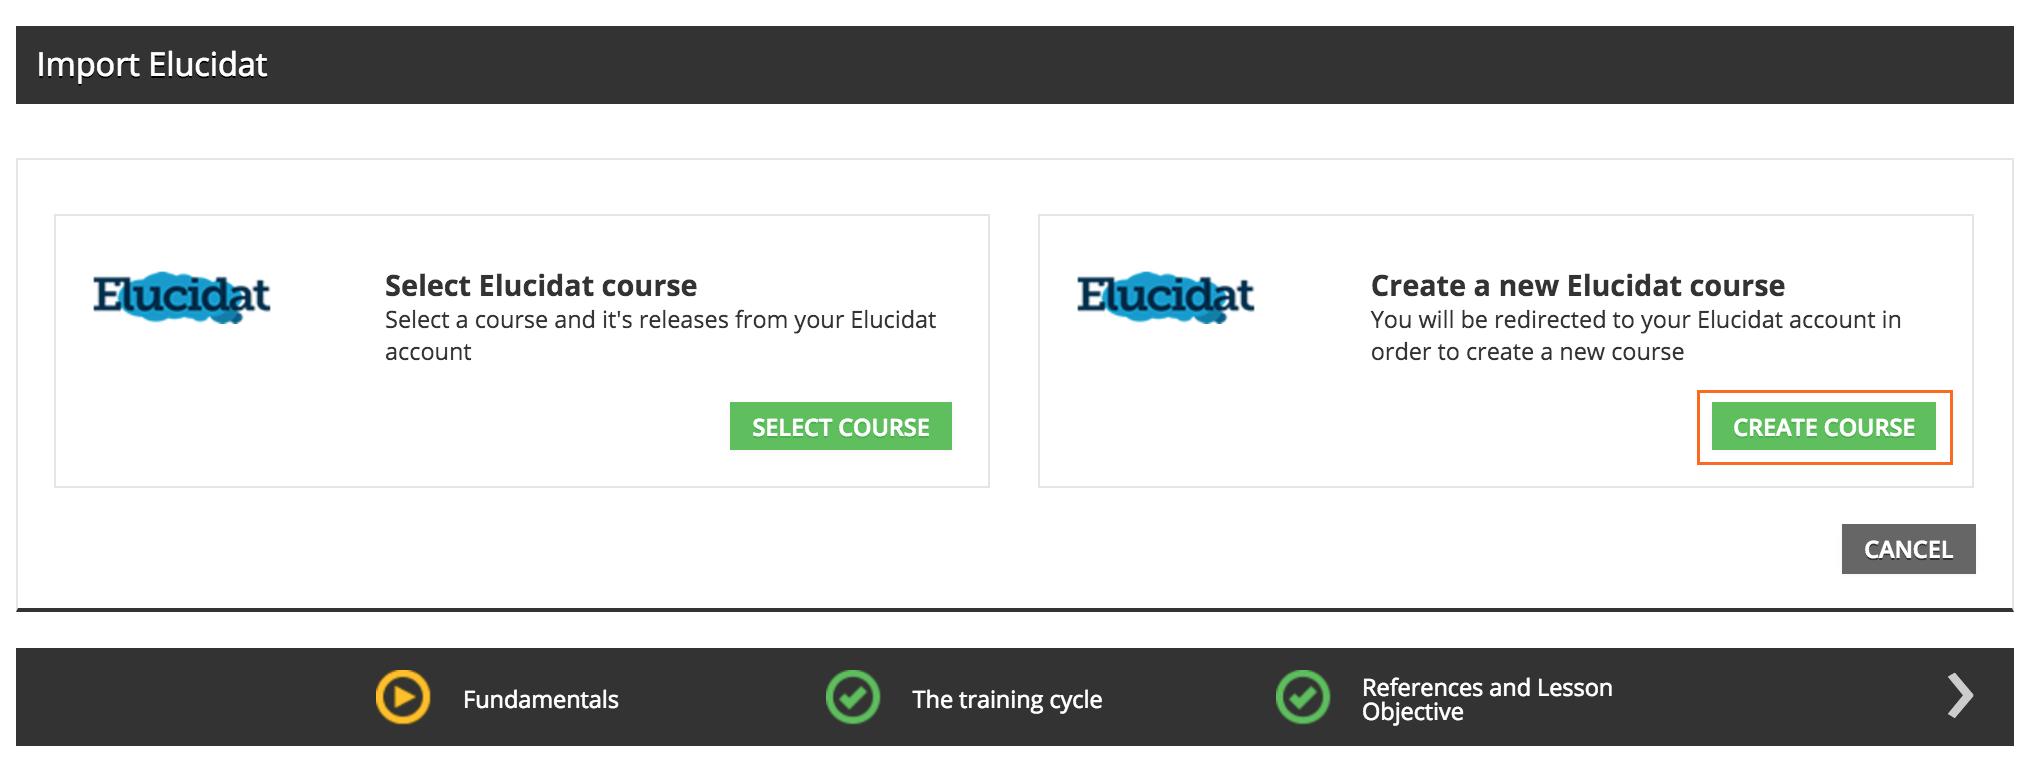 elucidat Create Elucidat course